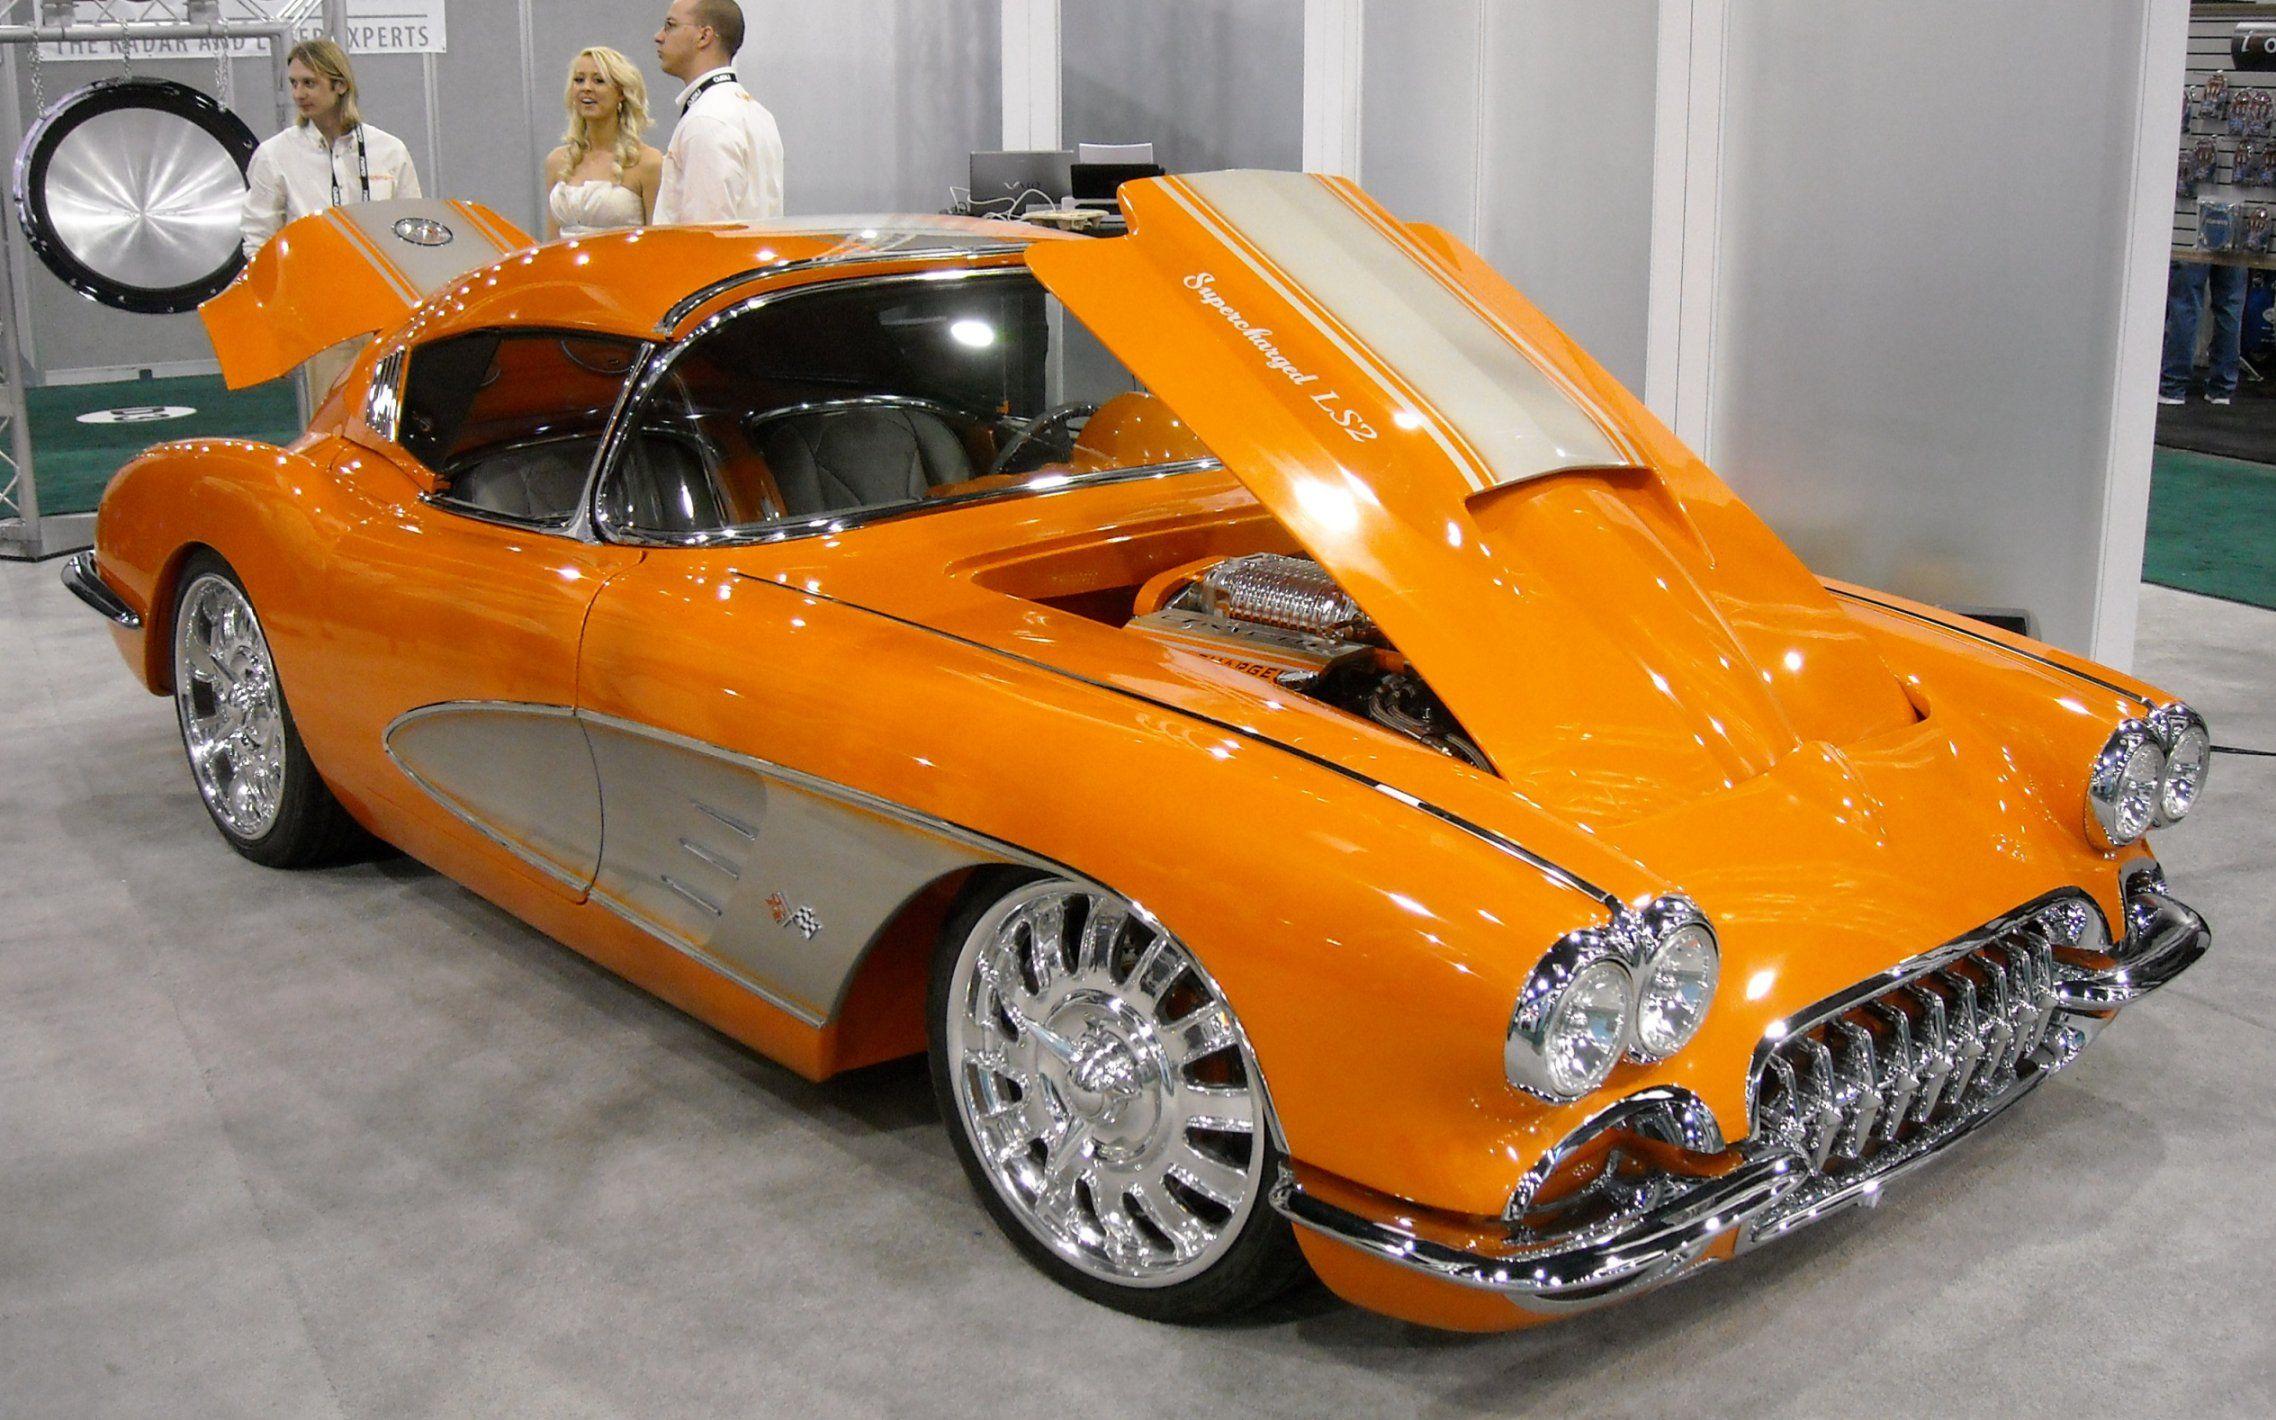 Chevrolet corvette custom 1958 k l nleges aut k cars street rods customs pinterest chevrolet corvette chevrolet and chevrolet corvette c1